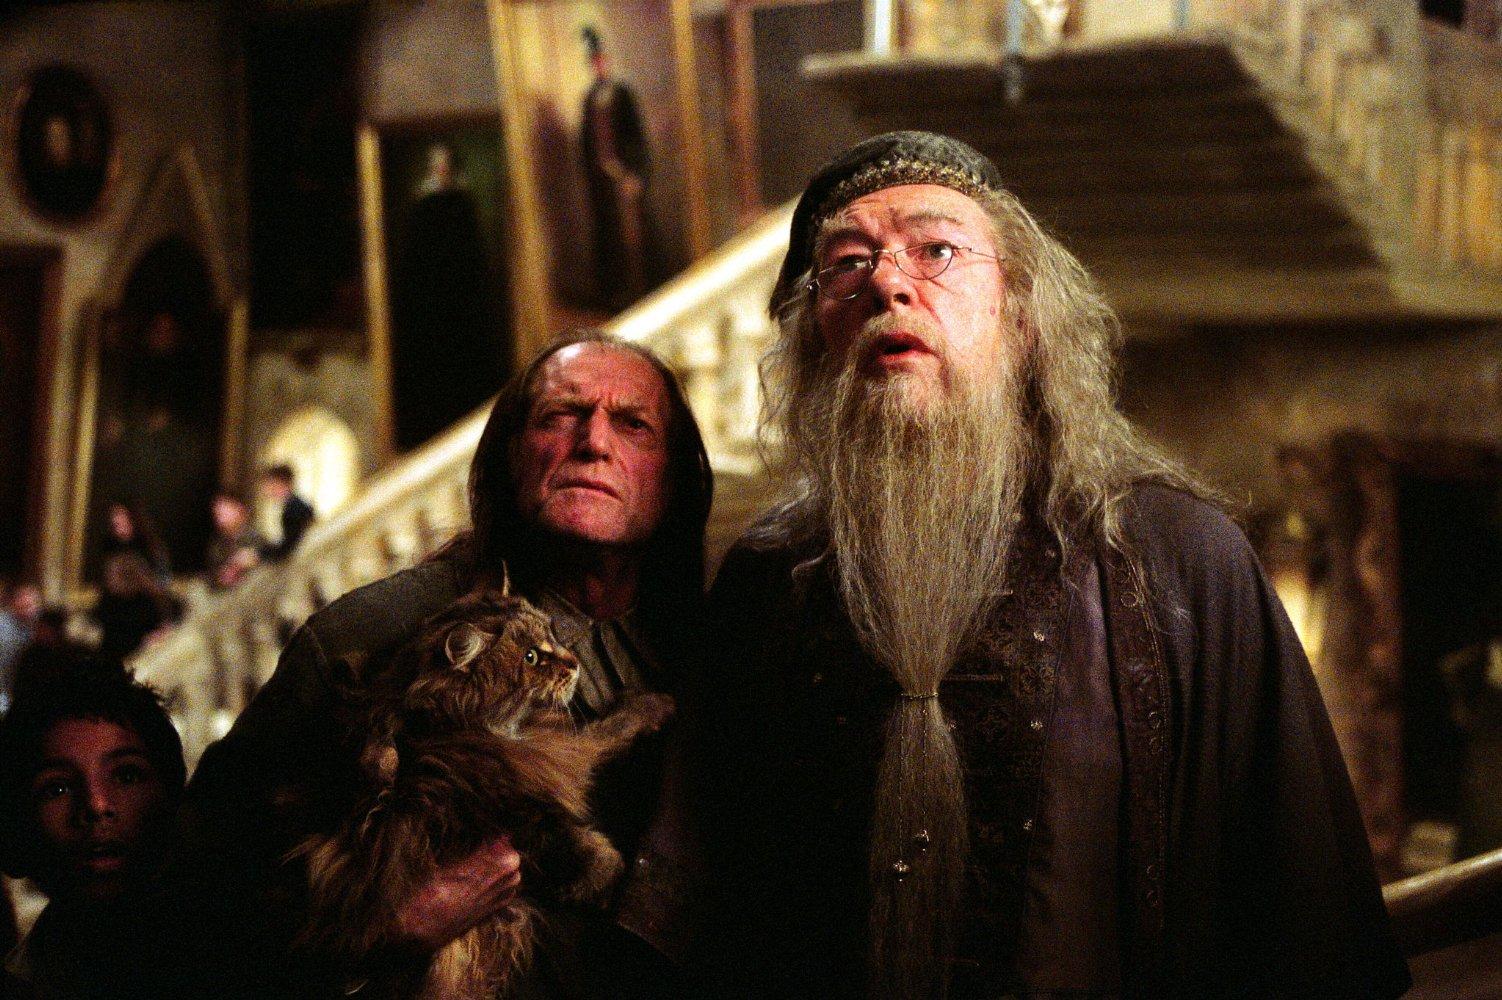 Гарри Поттер и узник Азкабана (Harry Potter and the Prisoner of Azkaban, 2004, IMDb 7.9)